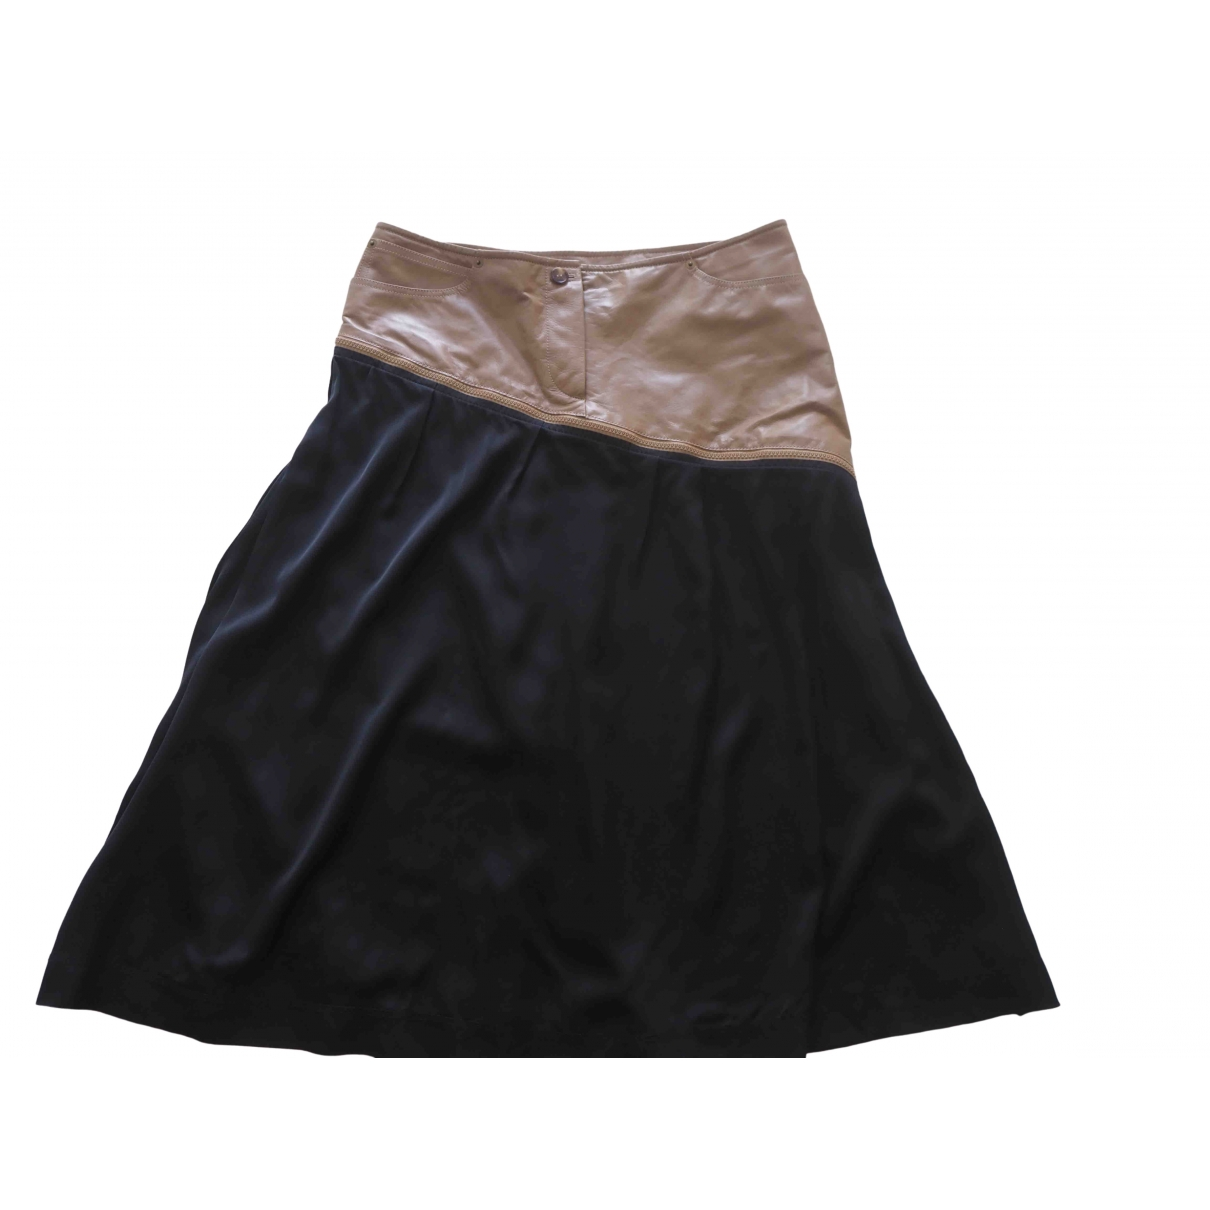 Celine - Jupe   pour femme en cuir - noir